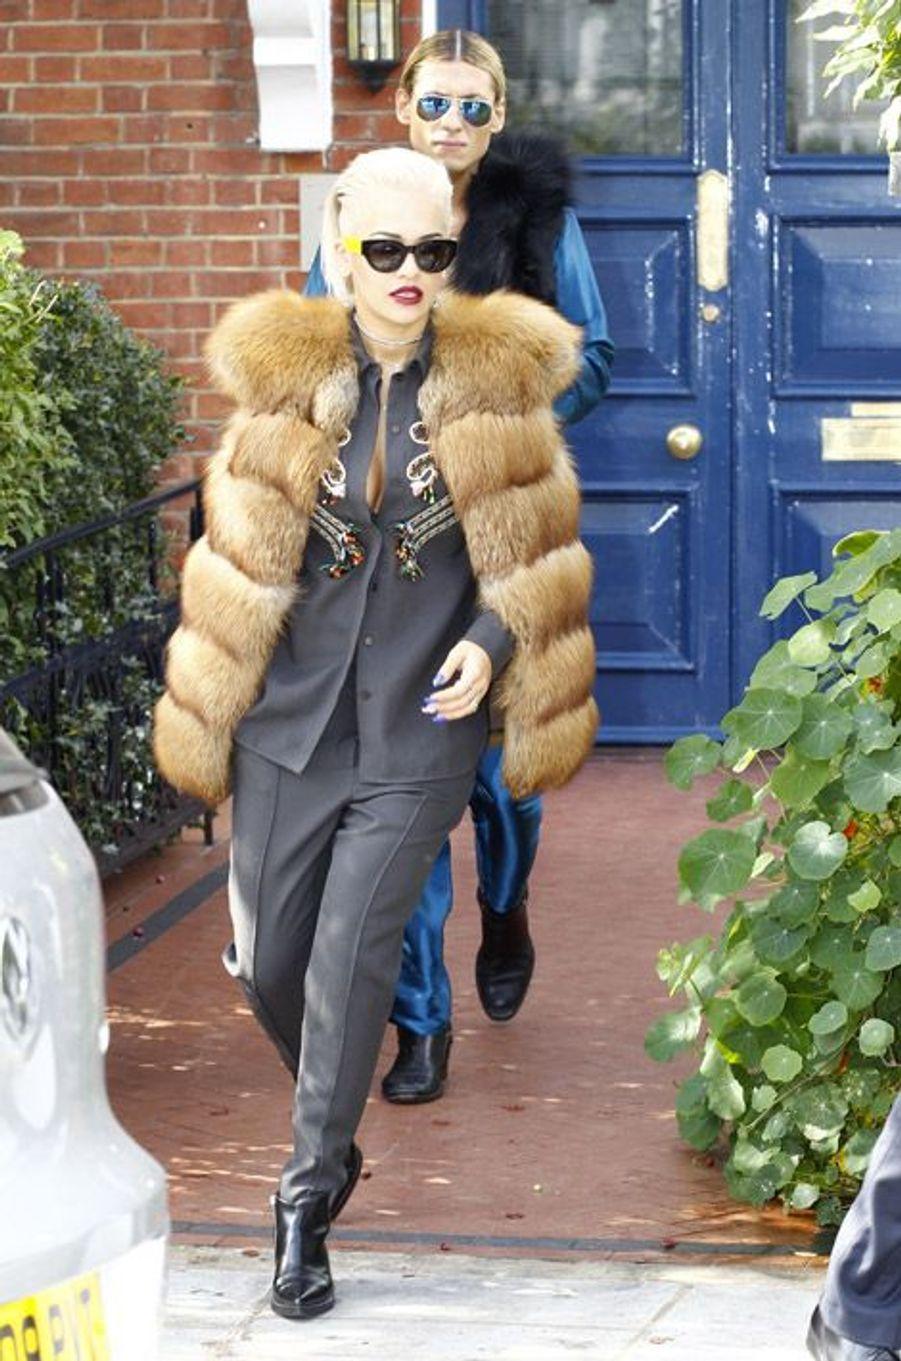 La chanteuse britannique Rita Ora à la sortie de son appartement à Londres, le 13 septembre 2014